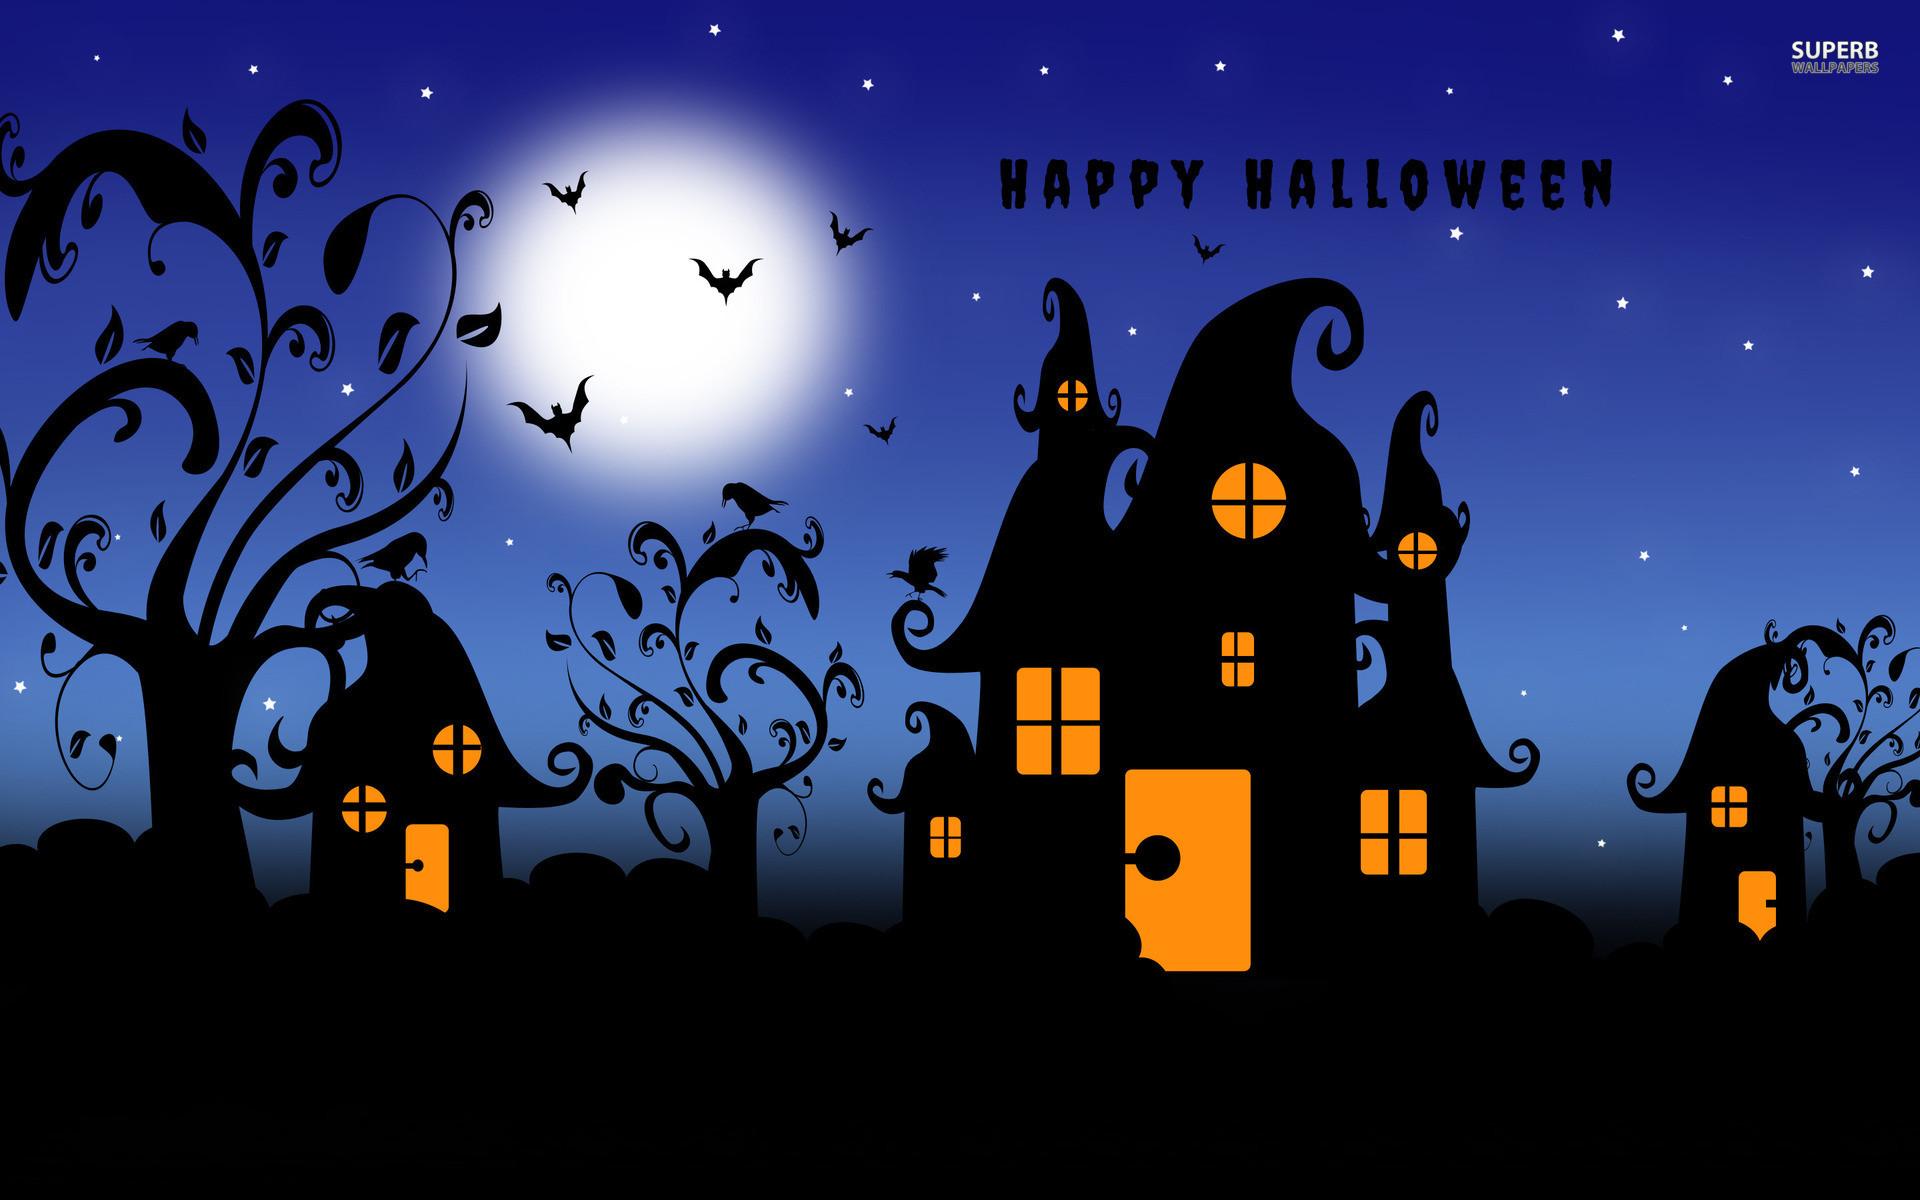 Happy Halloween Wallpapers Wide